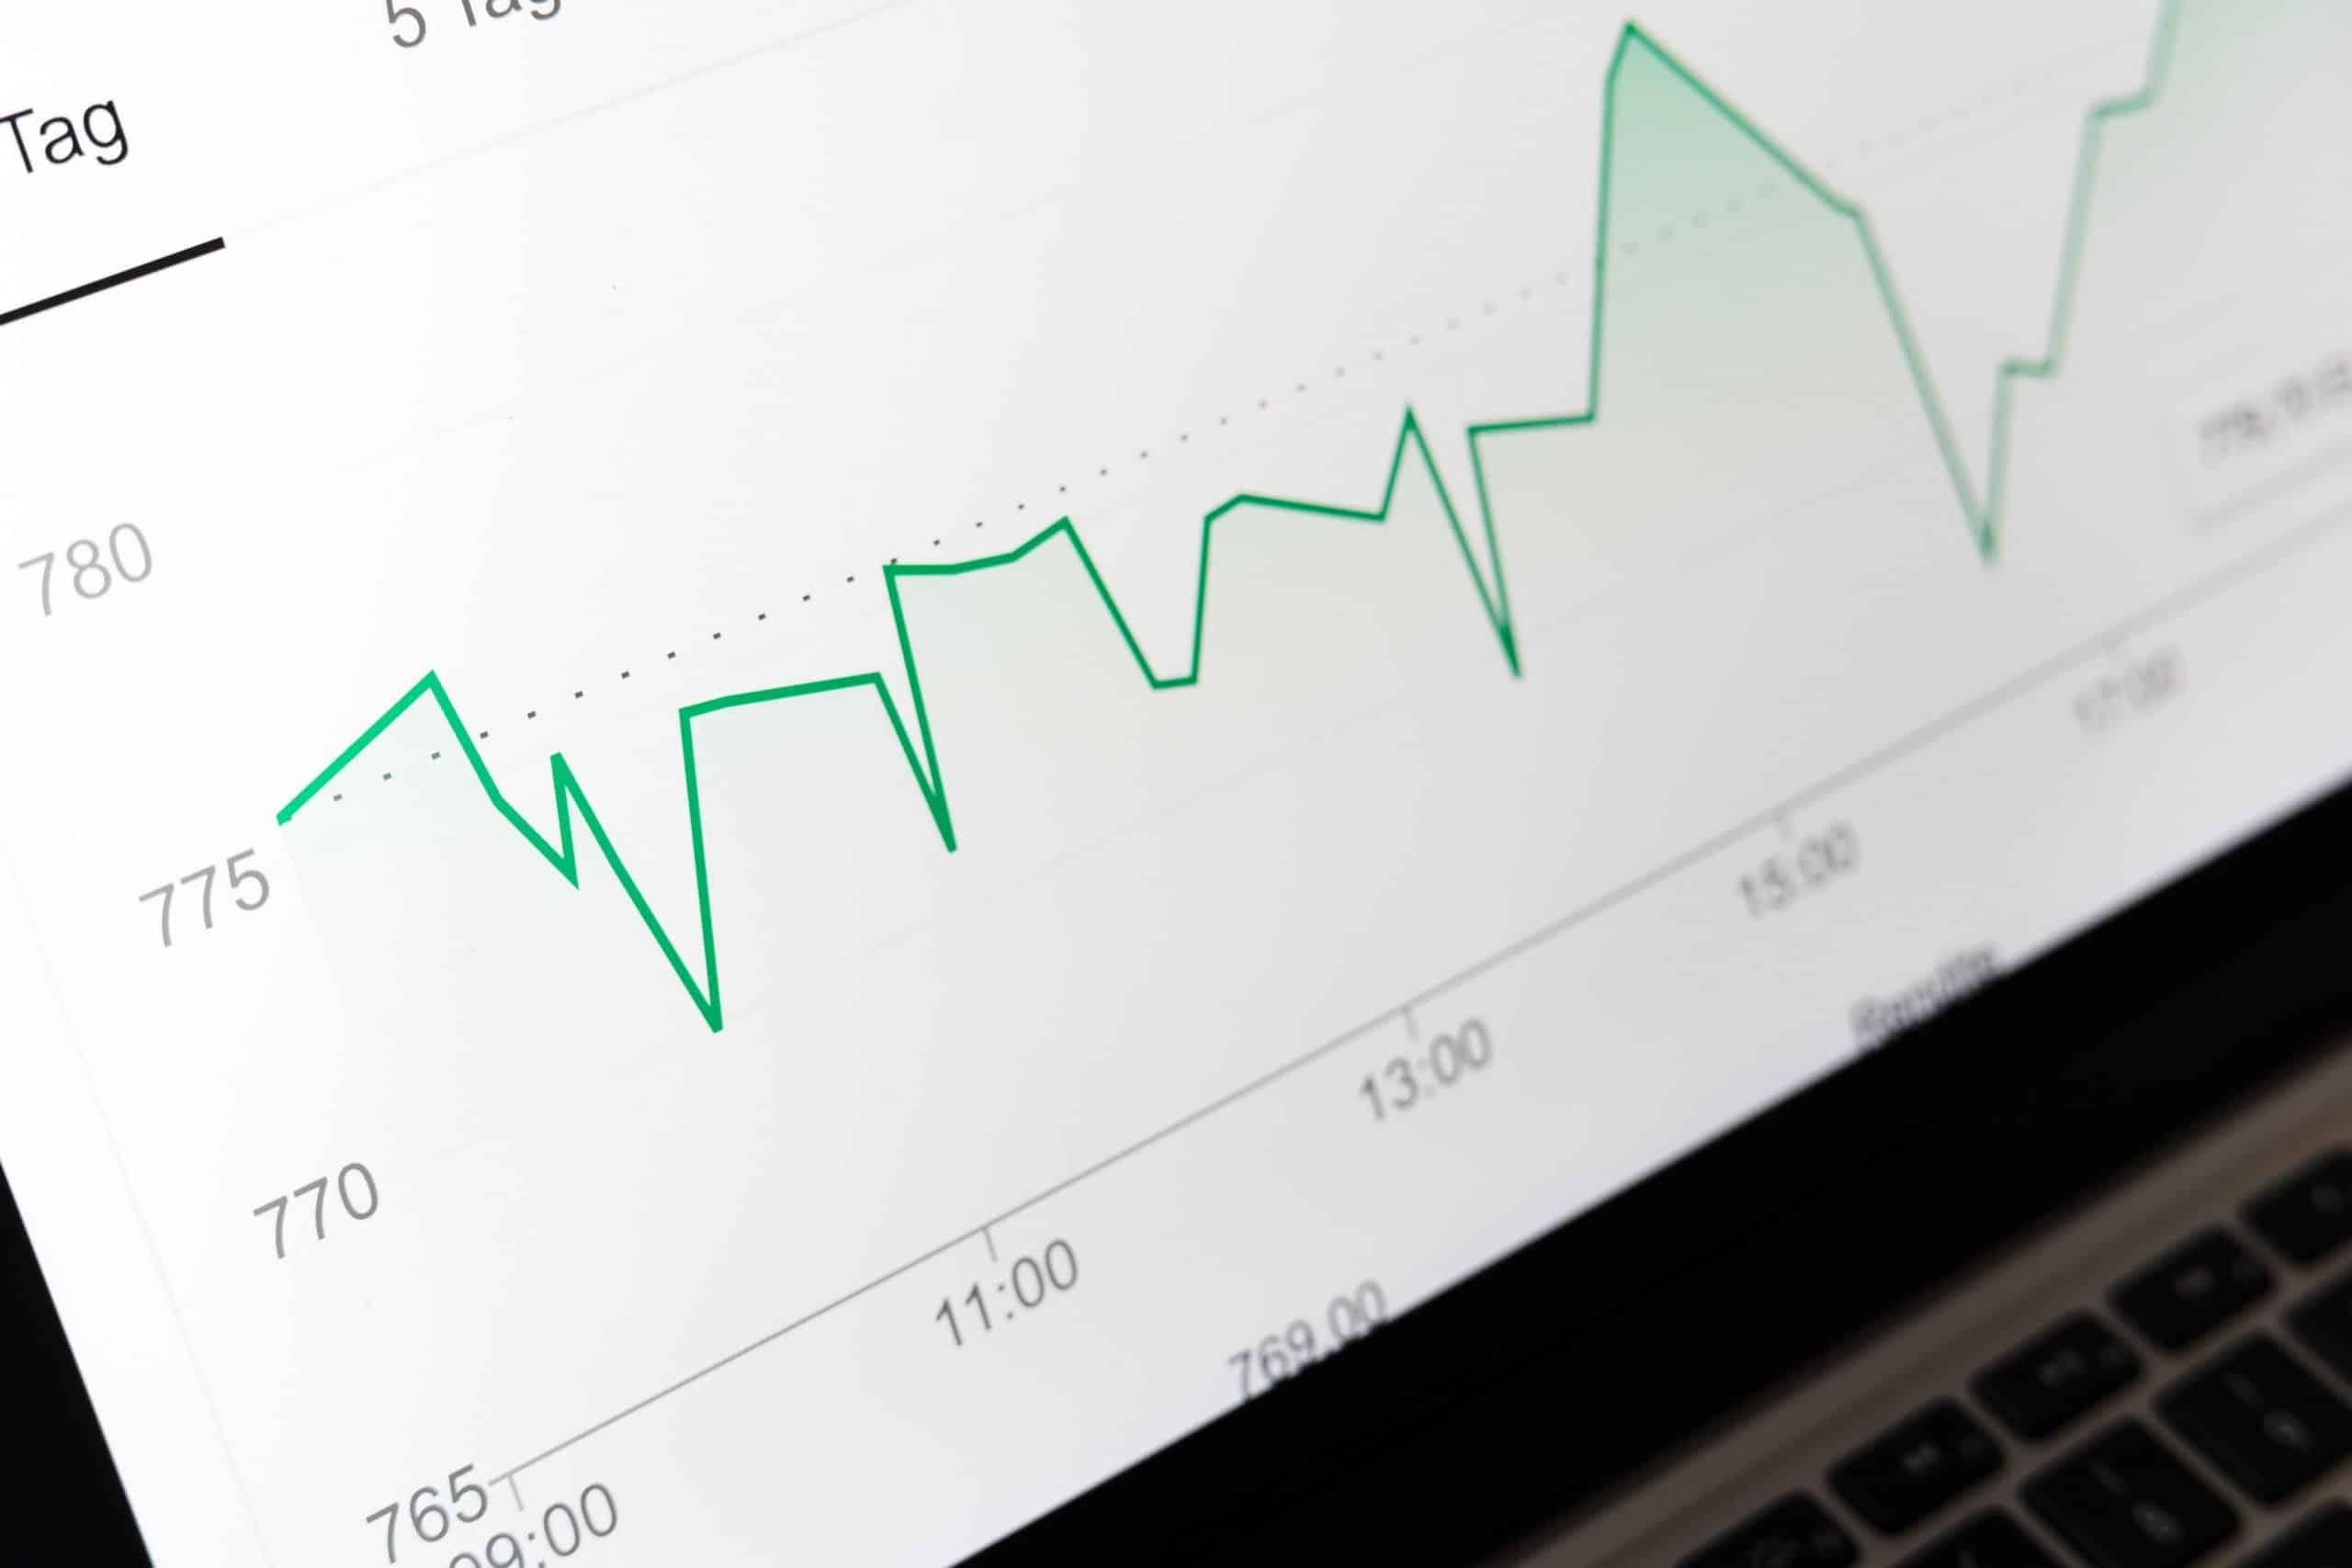 bináris opciókkal valóban lehet pénzt keresni rajtuk a legjobban kereshető internetes projektek